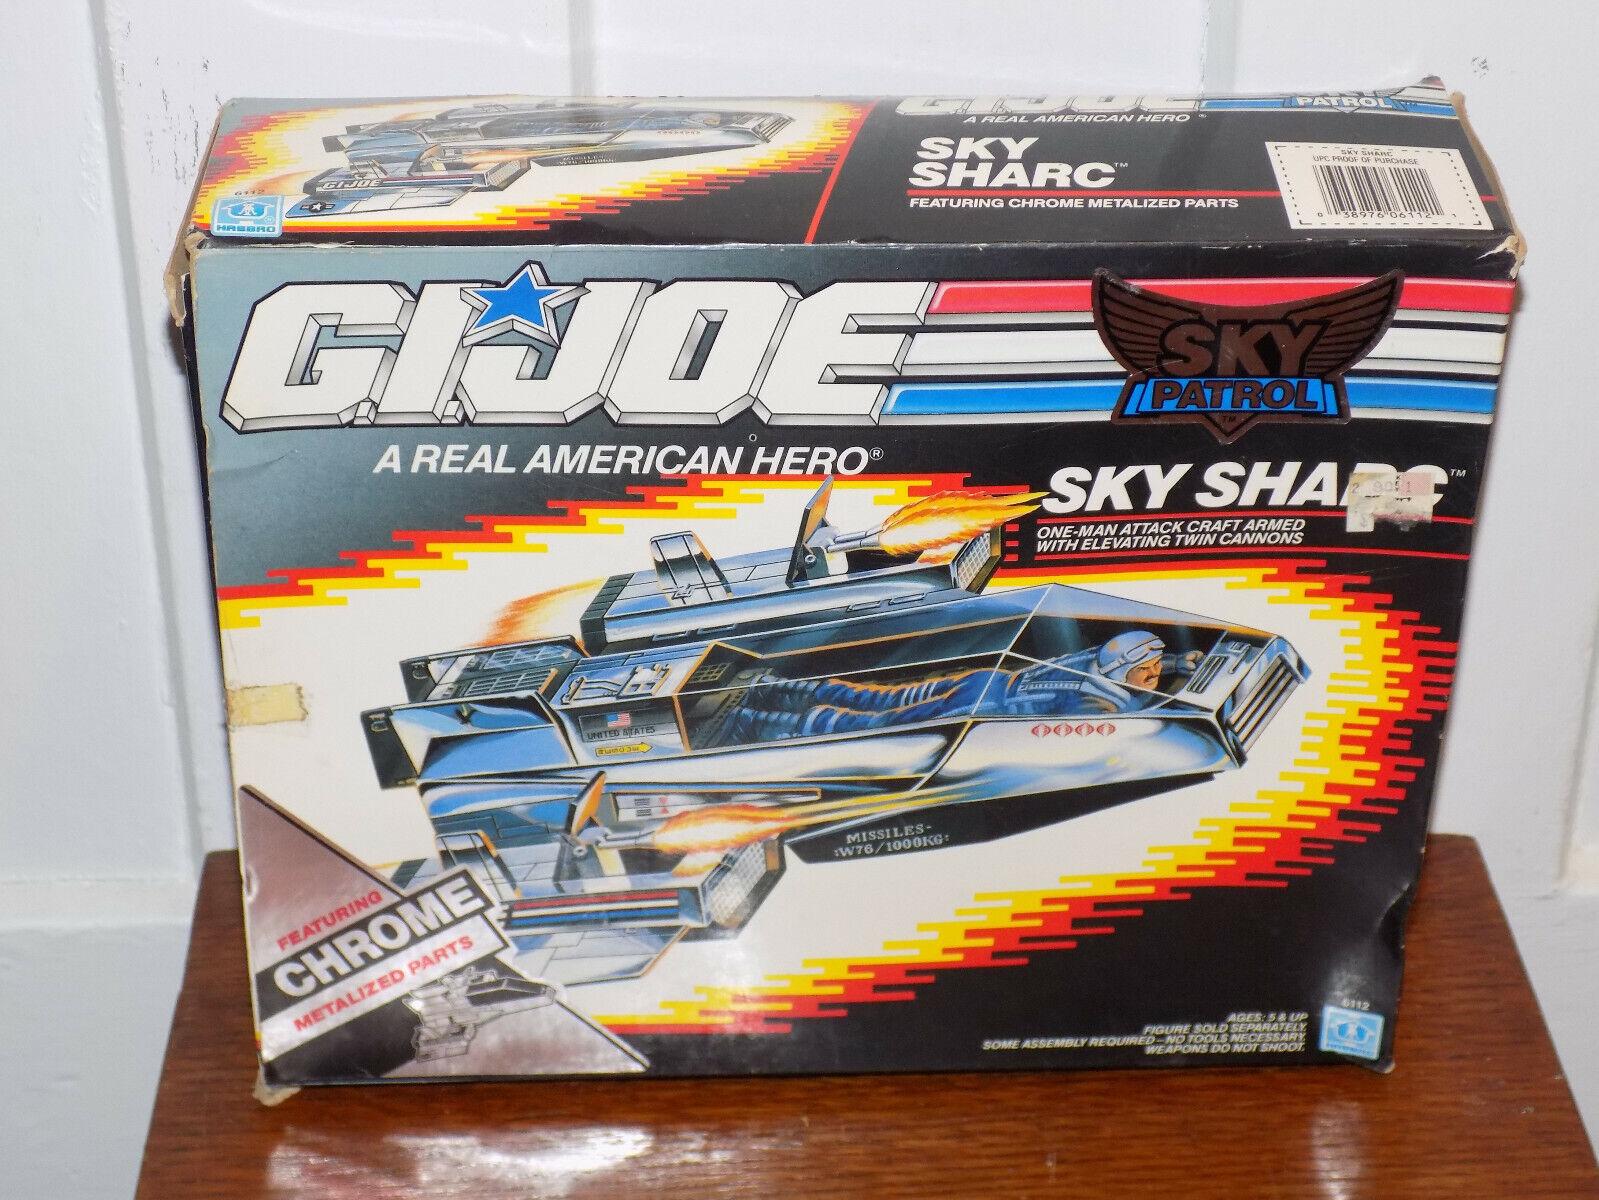 GI Joe Sky Patrol Sky Chrome Sharc with Box 1989